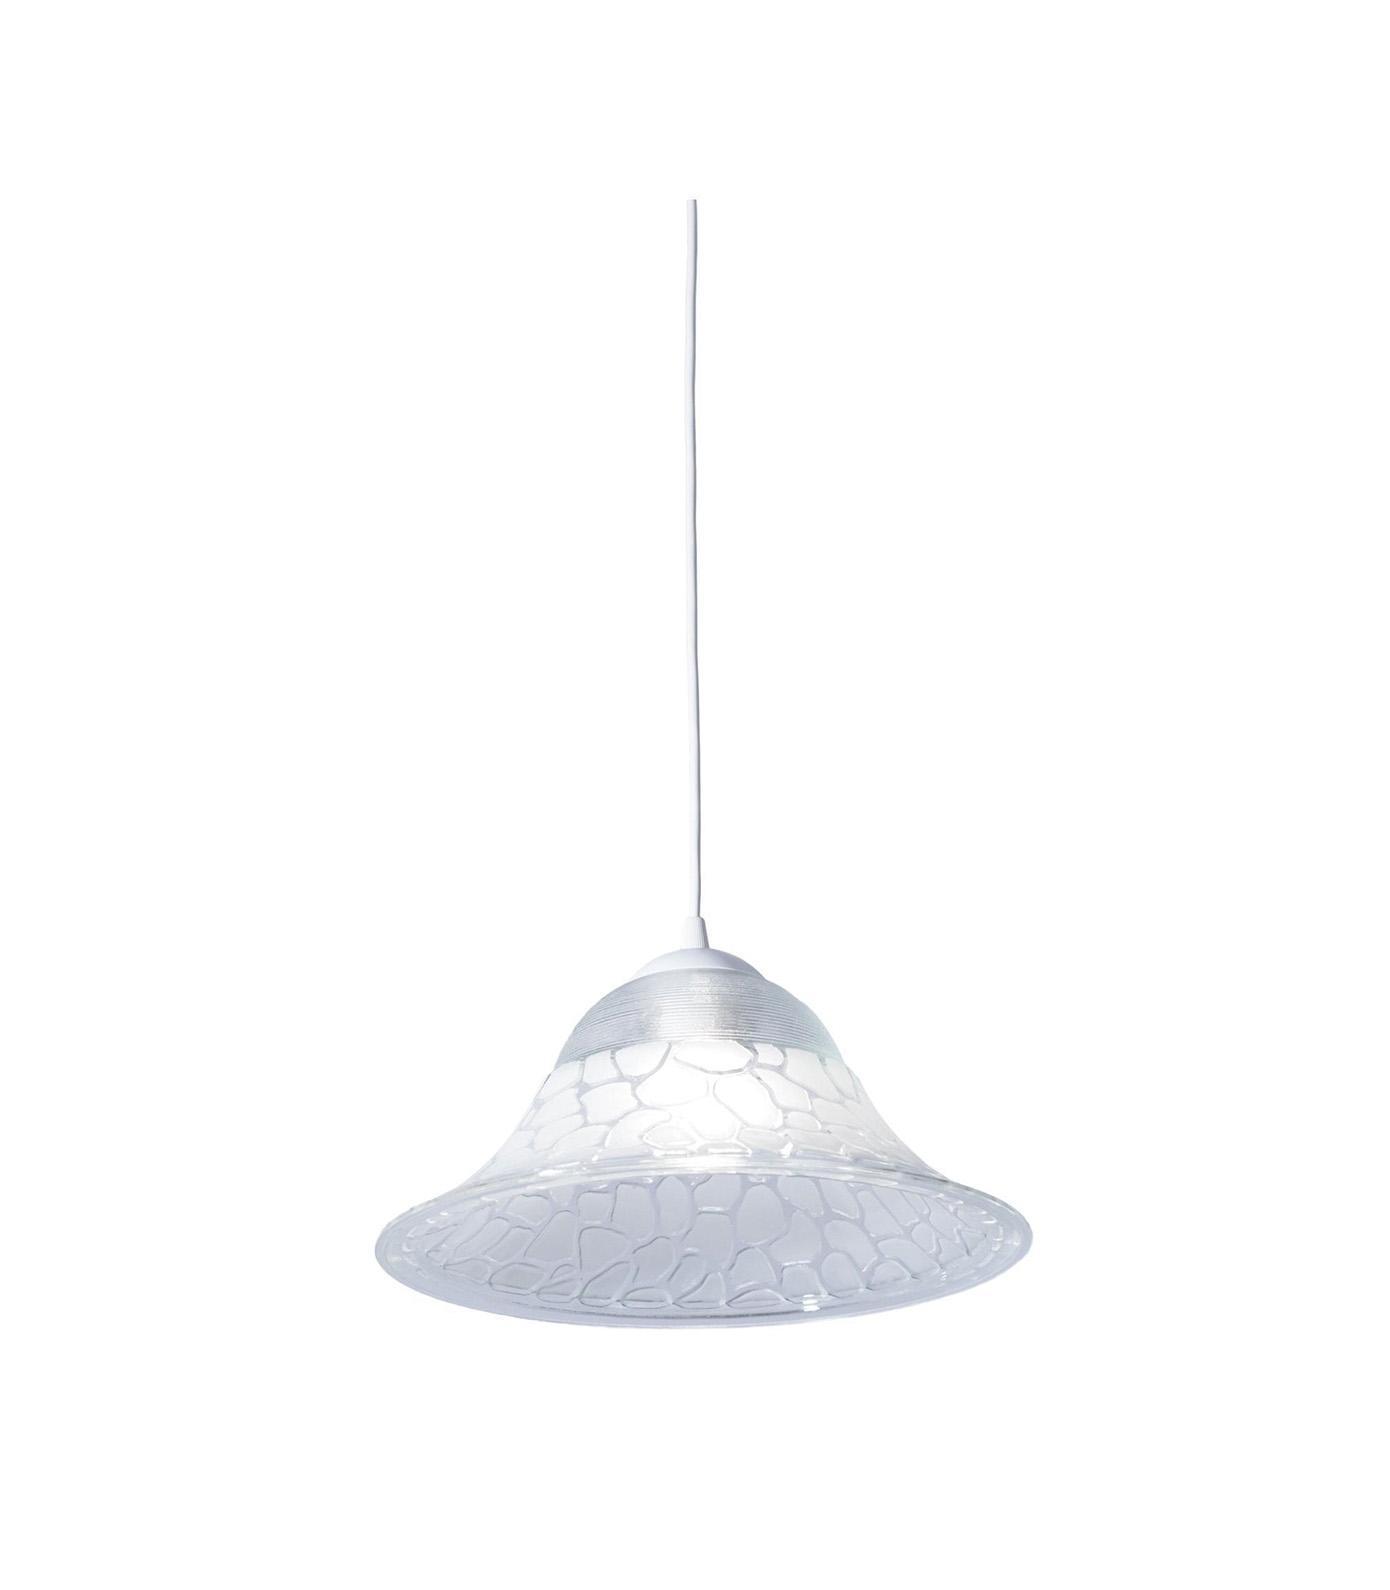 Светильник подвесной Arte lamp A3444sp-1wh